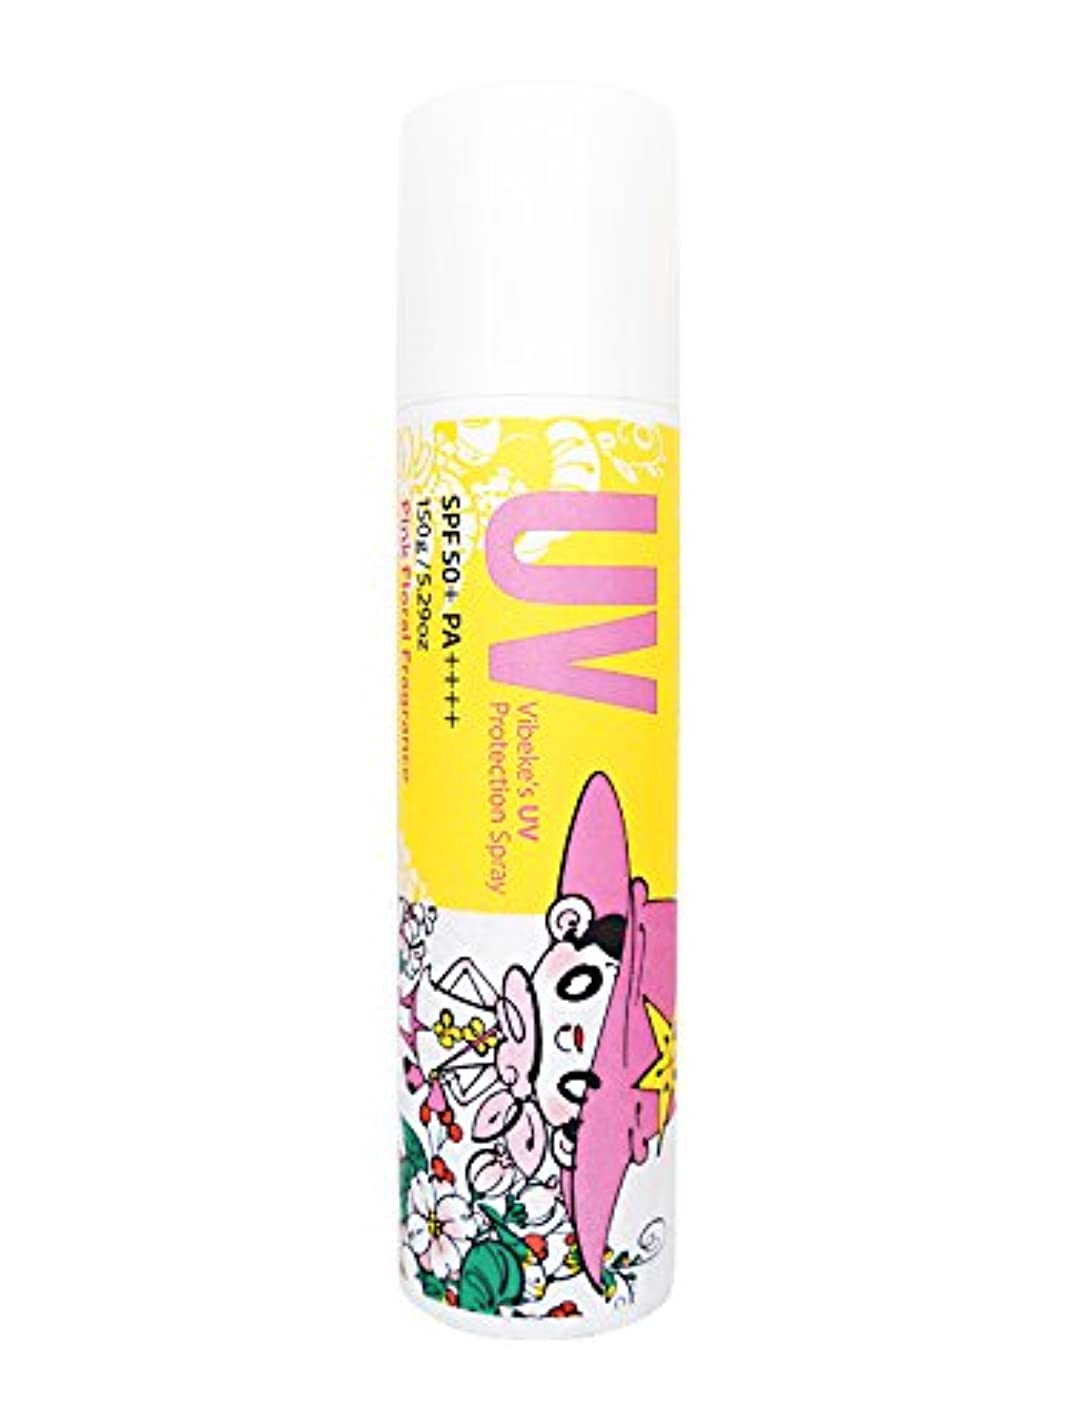 組キャンバス維持ビベッケの全身まるごとサラサラUVスプレー SPF50+ PA++++ 150g ピンクフローラルの香り